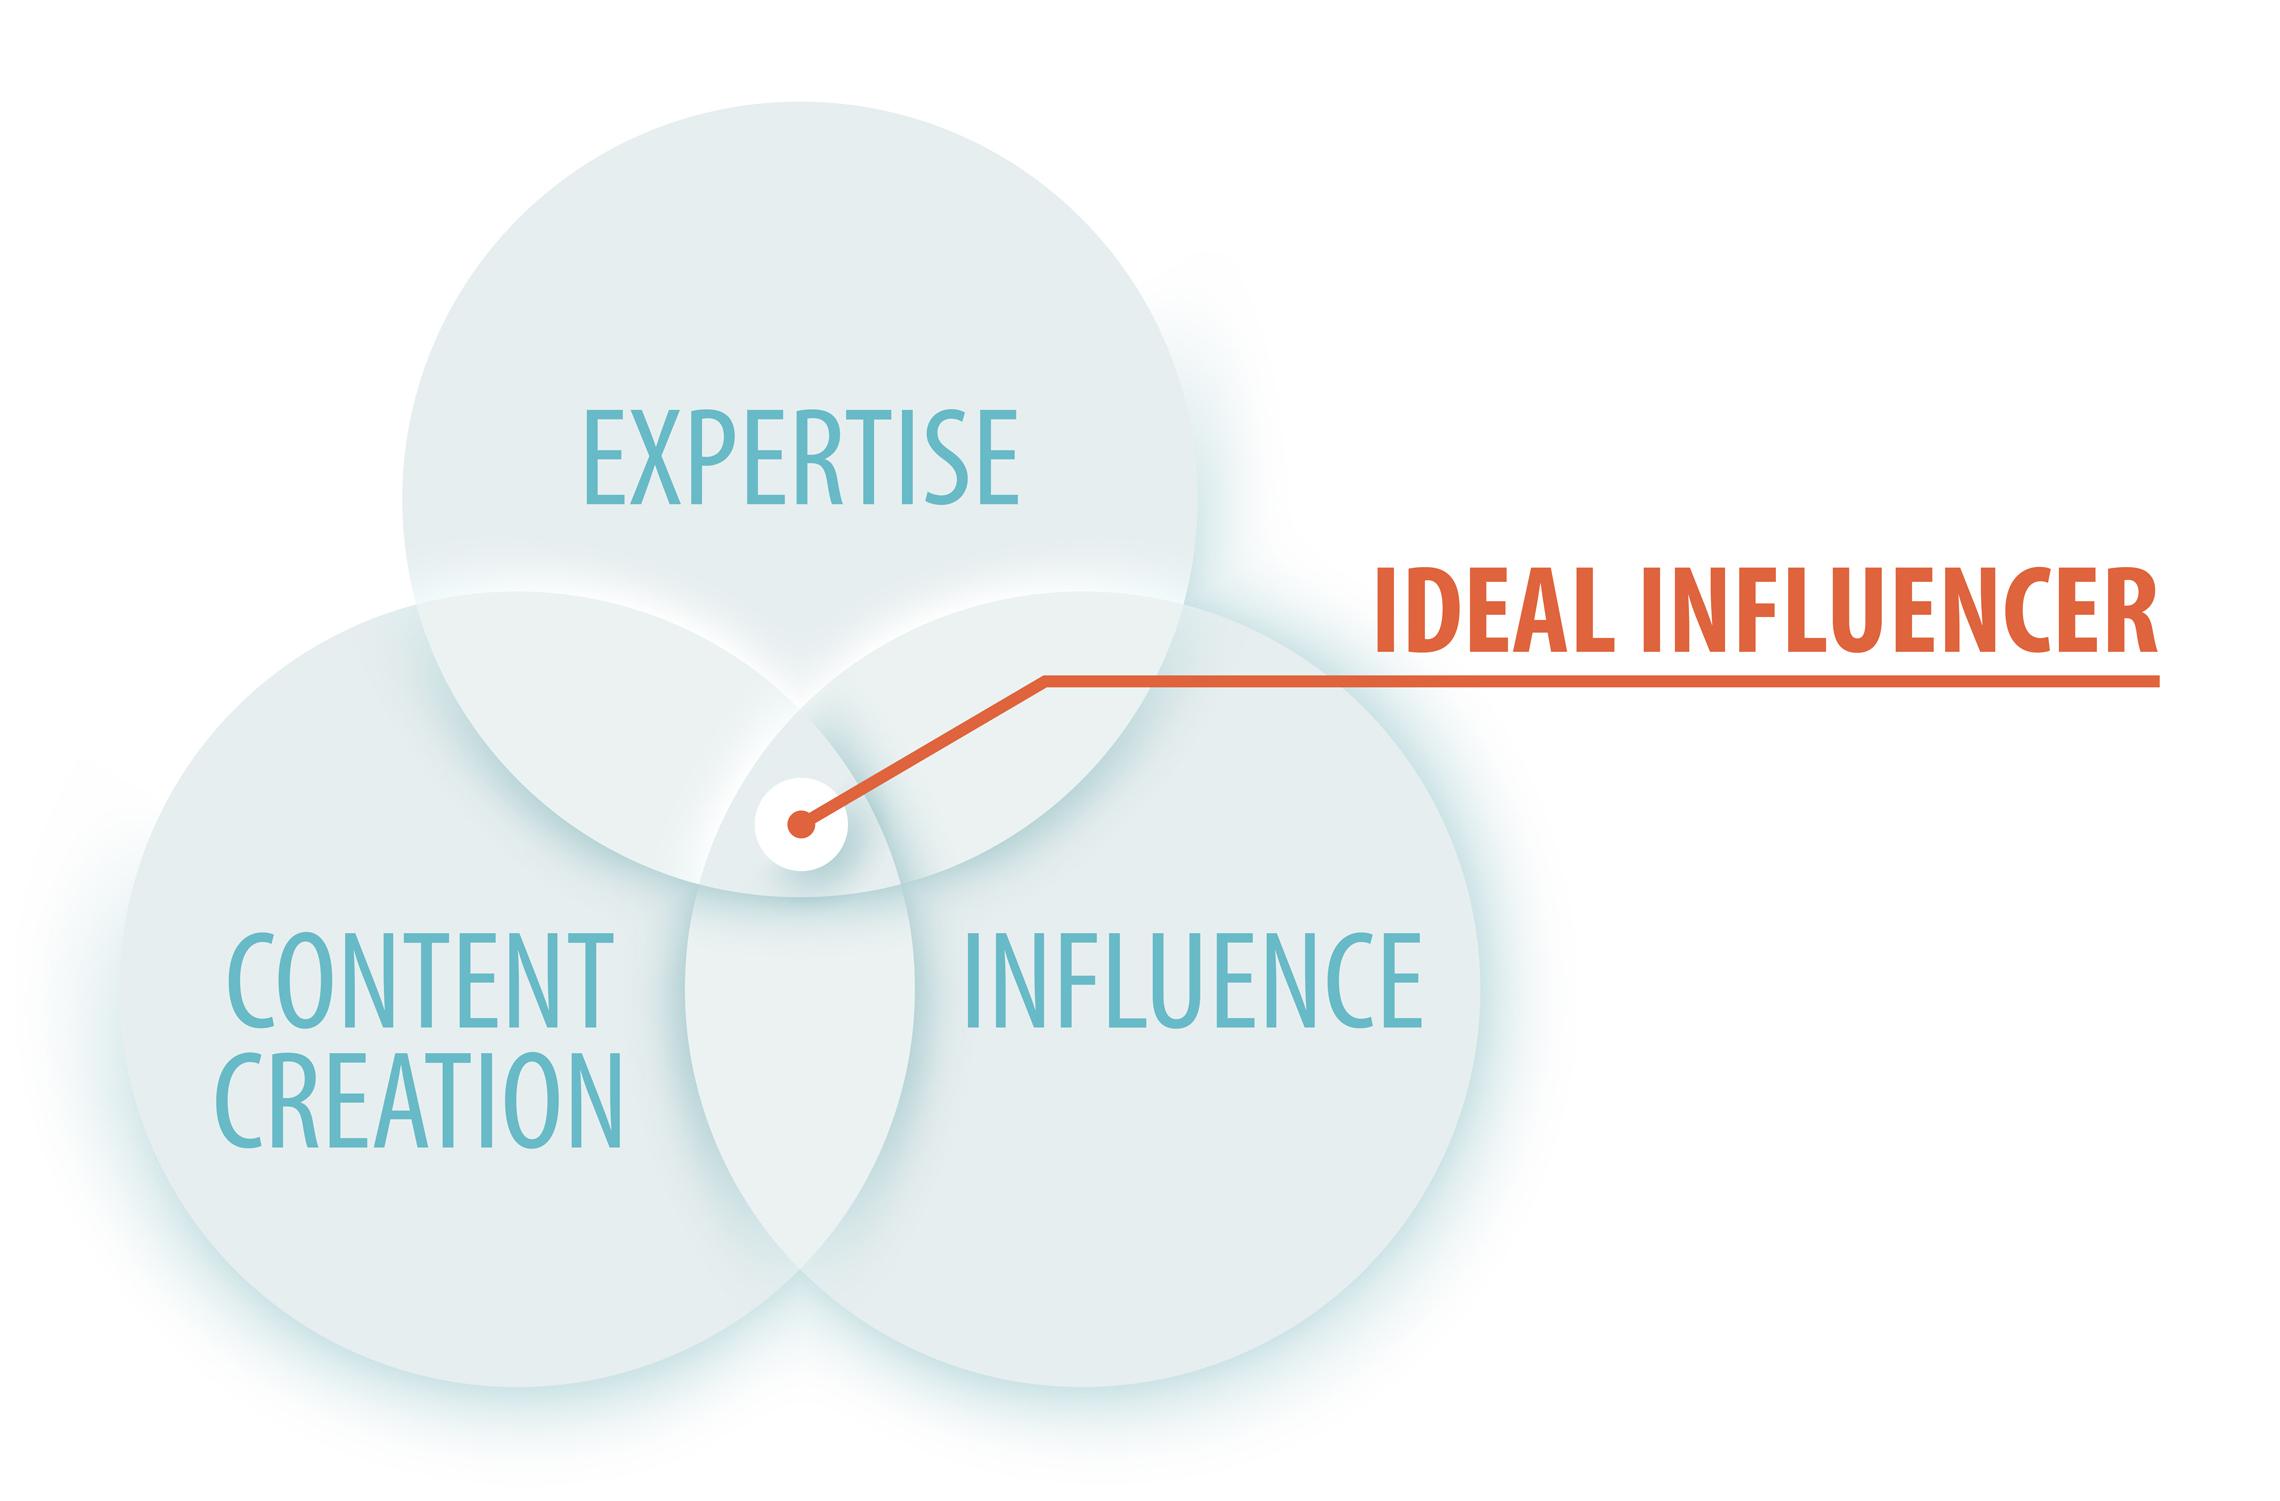 b2b influencer marketing - ideal influencer